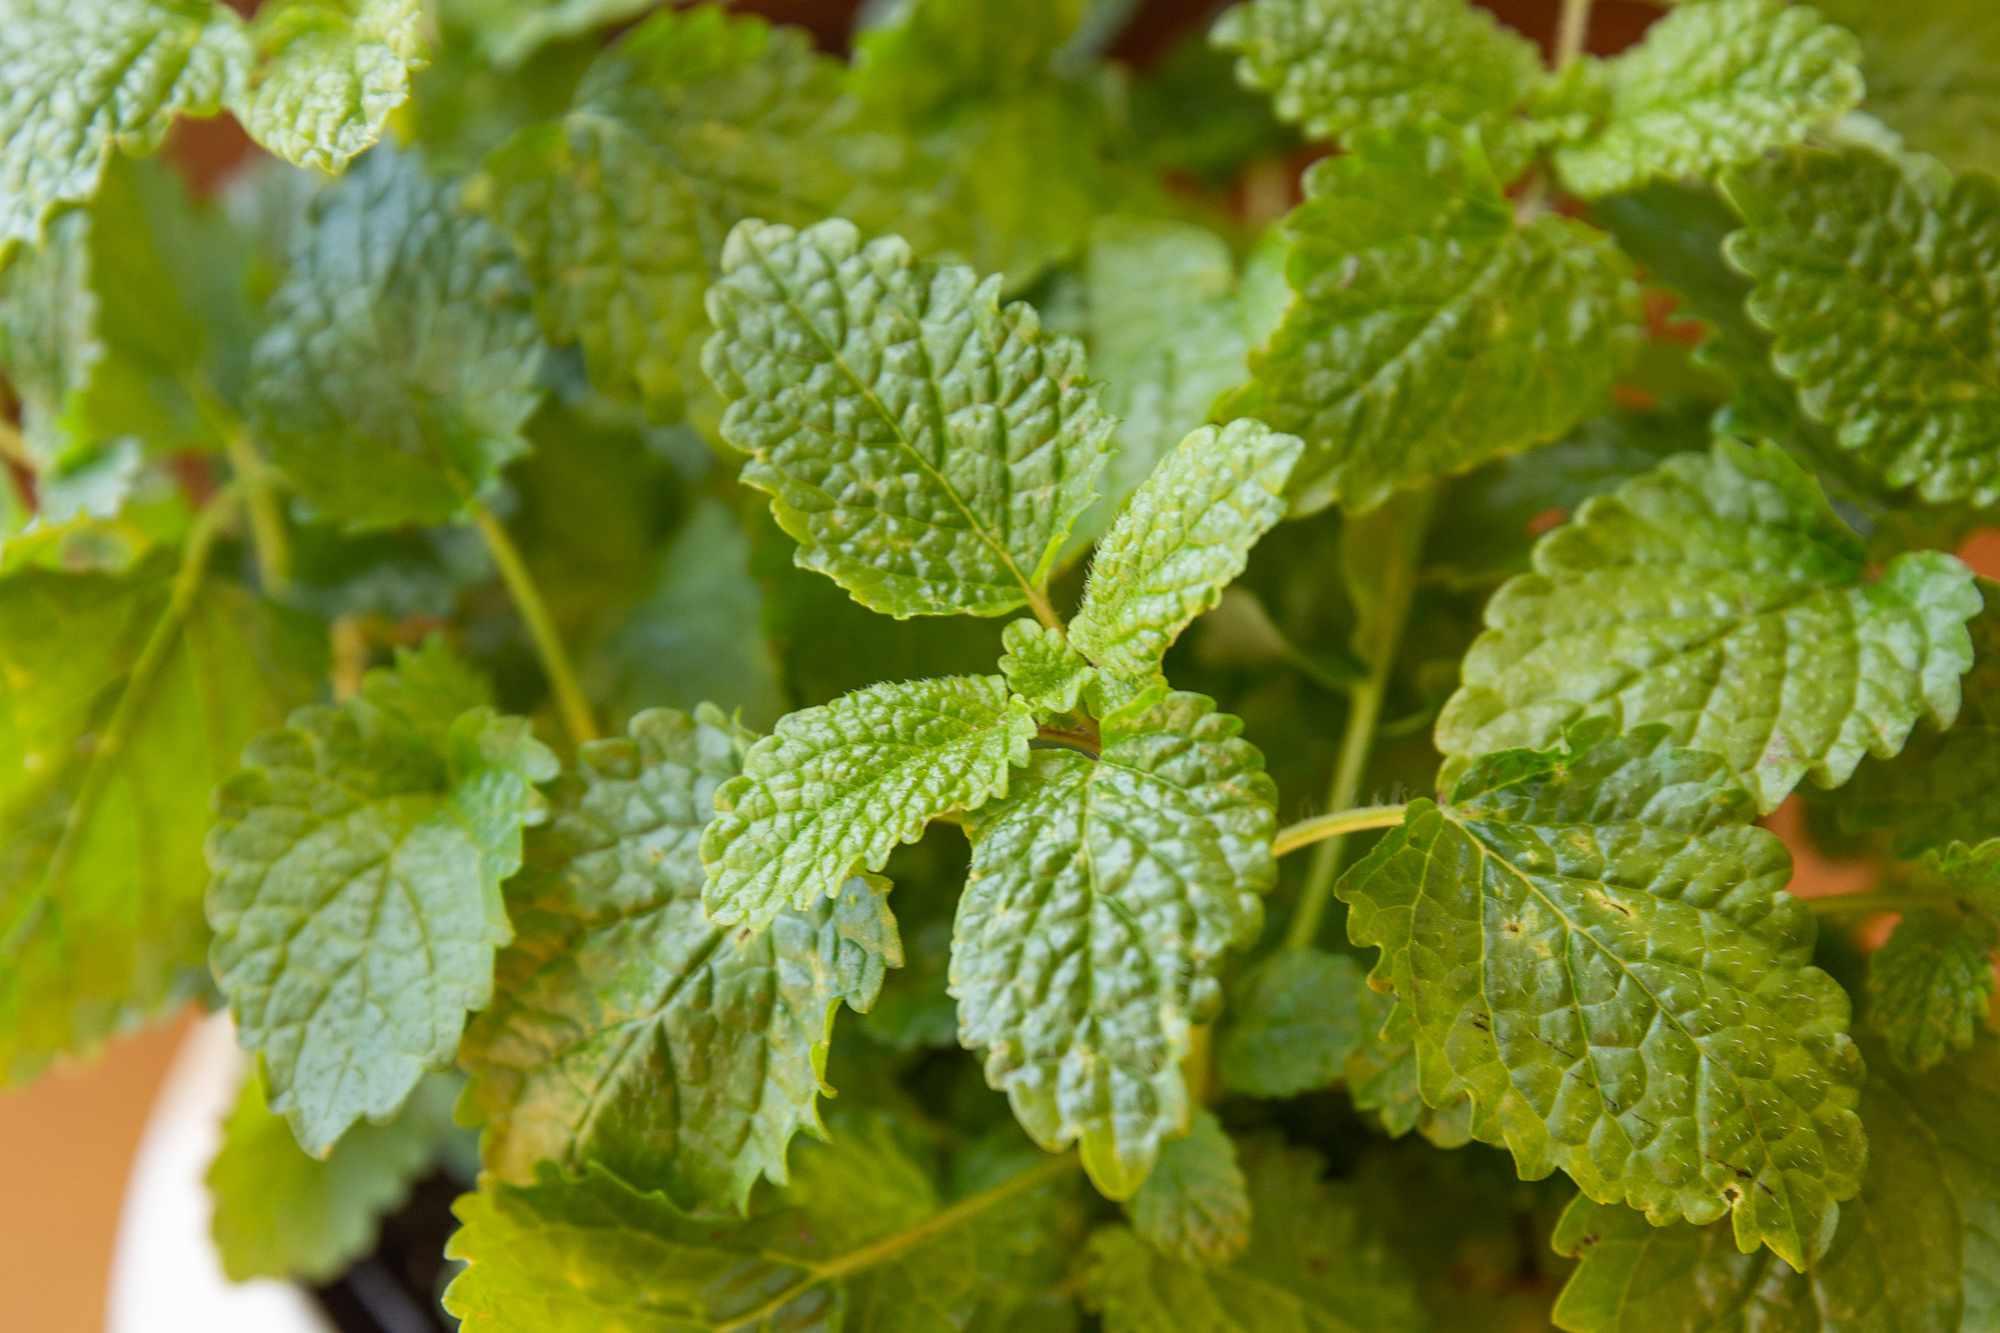 closeup of lemon balm leaves